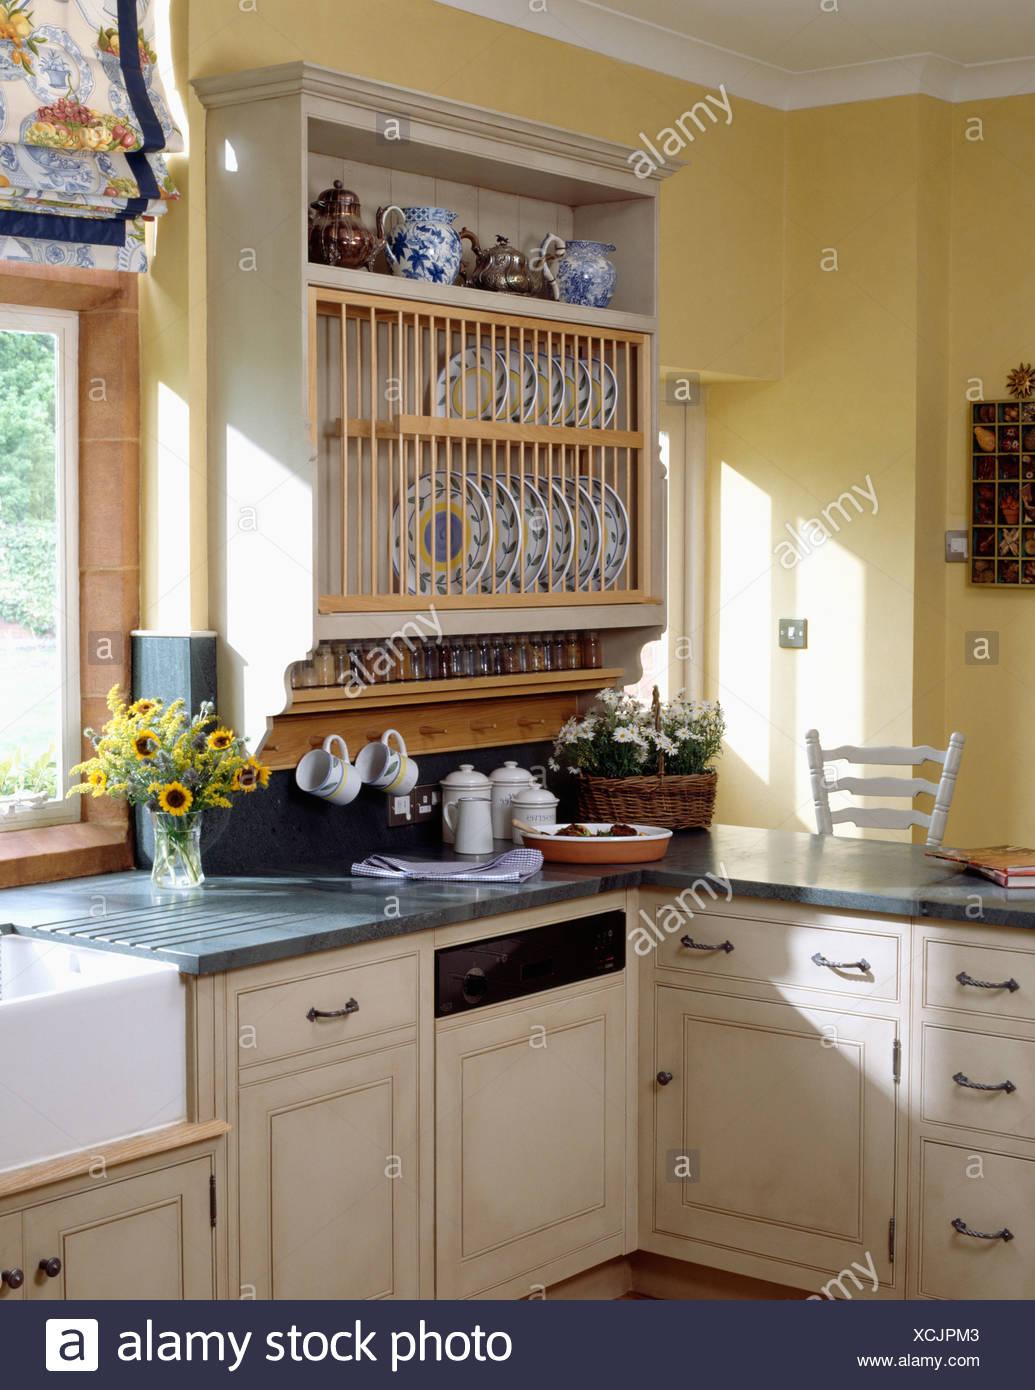 Ziemlich Jp Küche Fotos - Ideen Für Die Küche Dekoration - lazonga.info